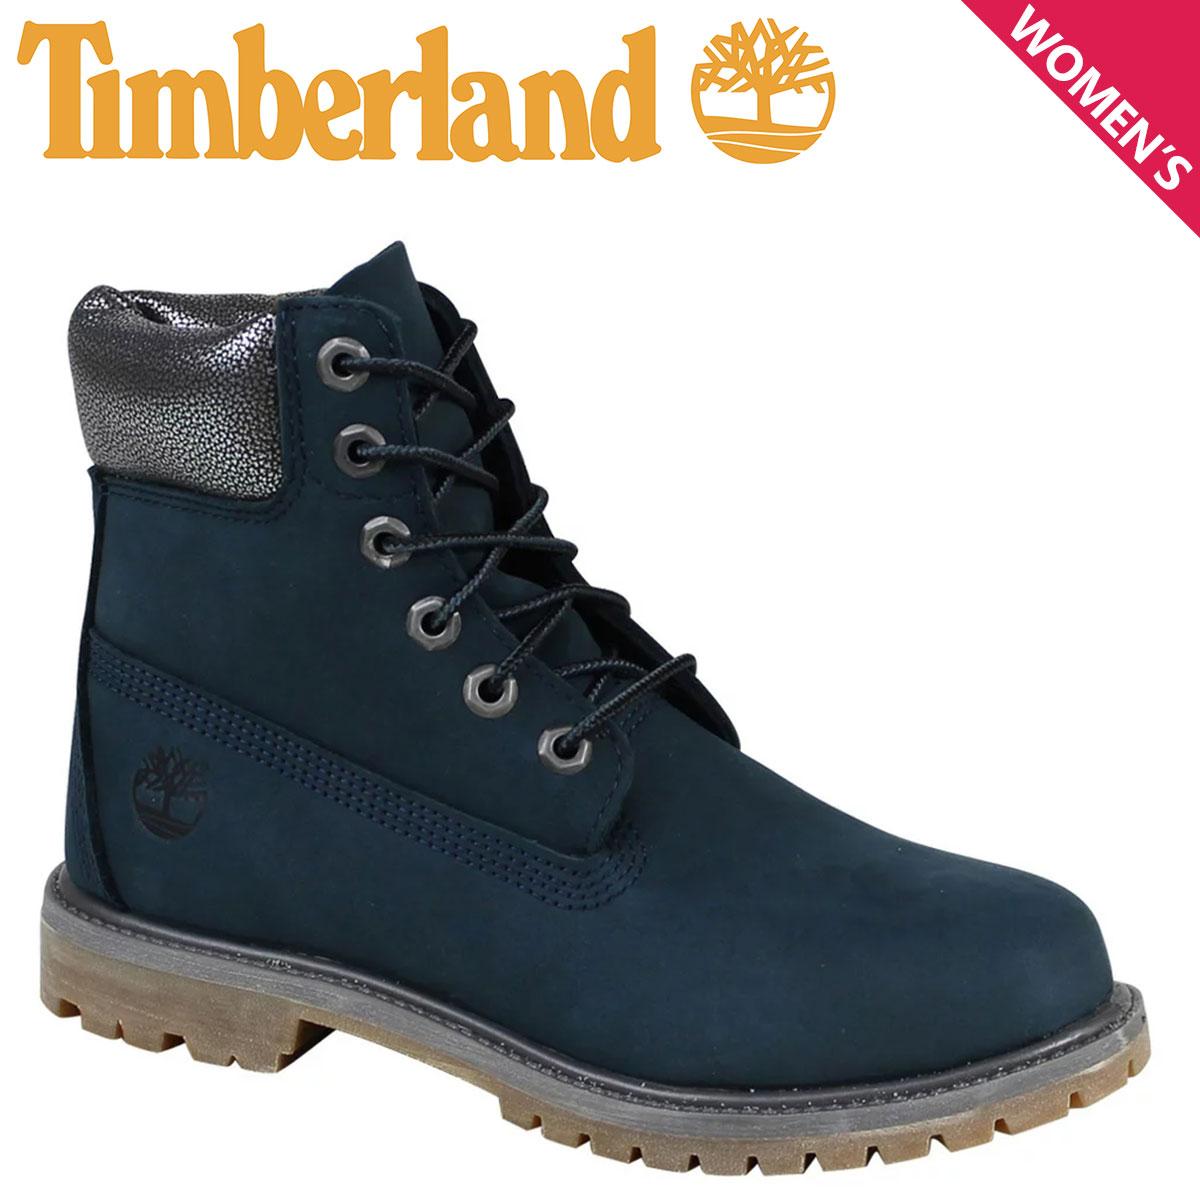 ティンバーランド レディース ブーツ 6インチ Timberland JUNIOR 6INCH PREMIUM WATERPROOF BOOTS A196M Wワイズ プレミアム 防水 ネイビー